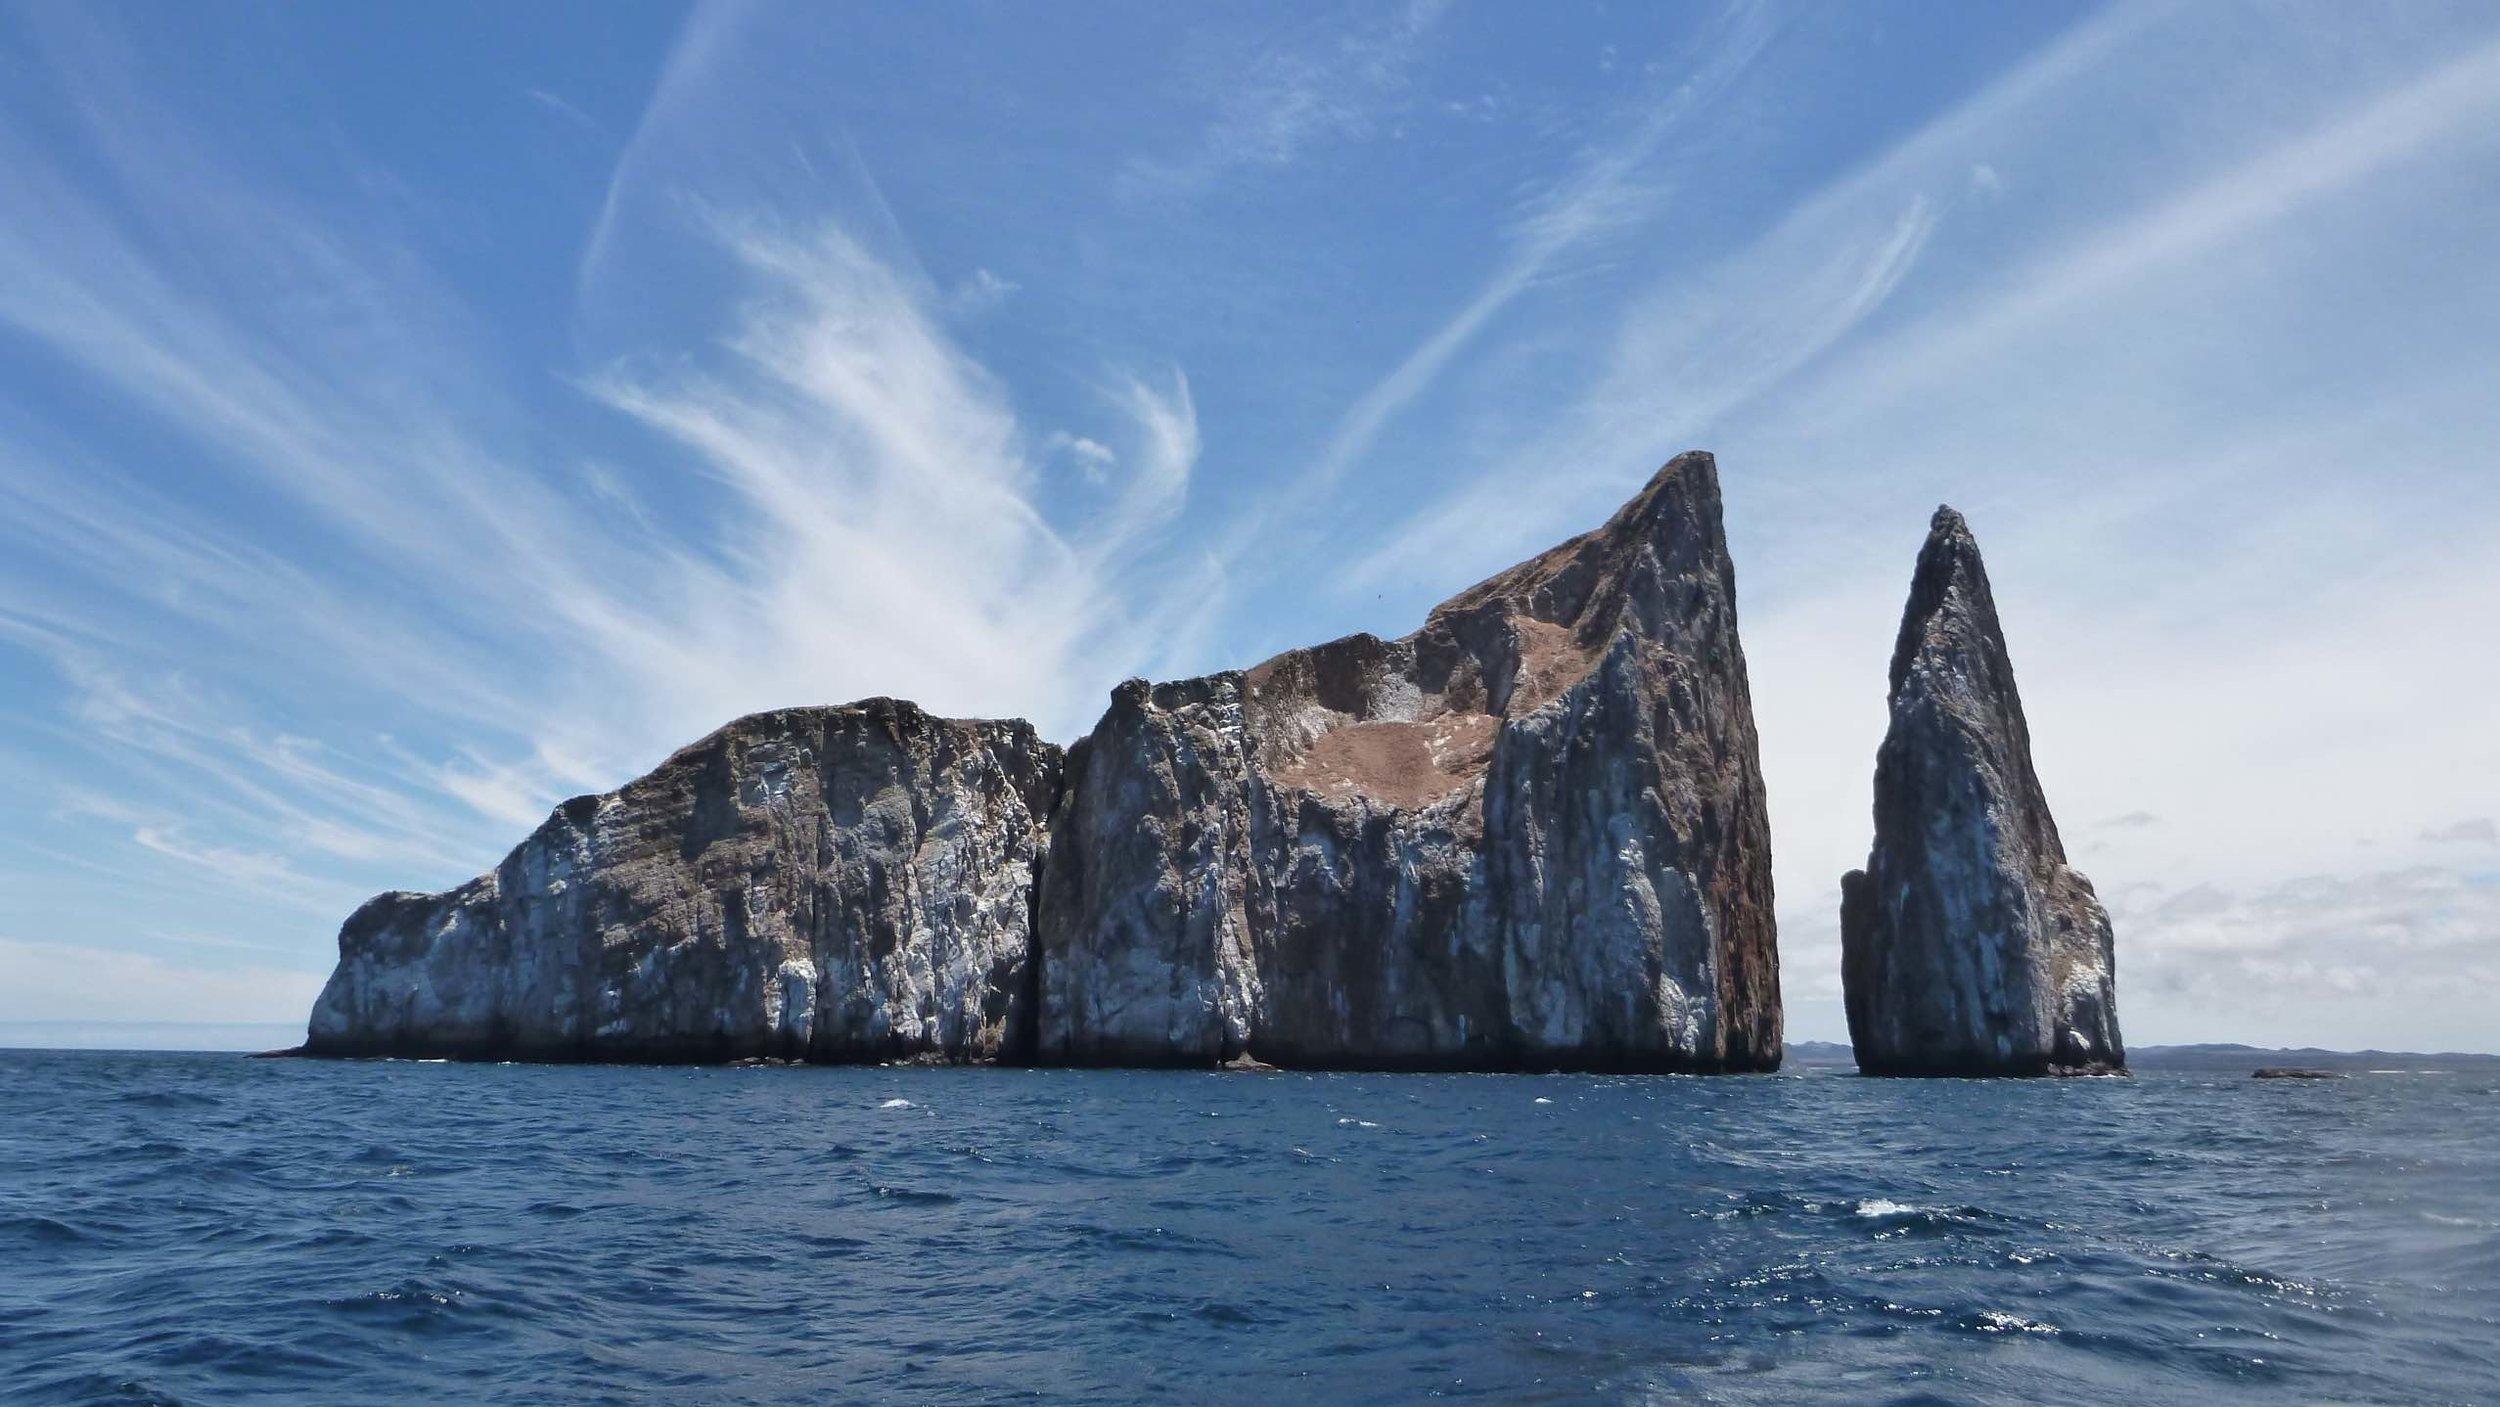 Leon Dormido rocks - Galapagos